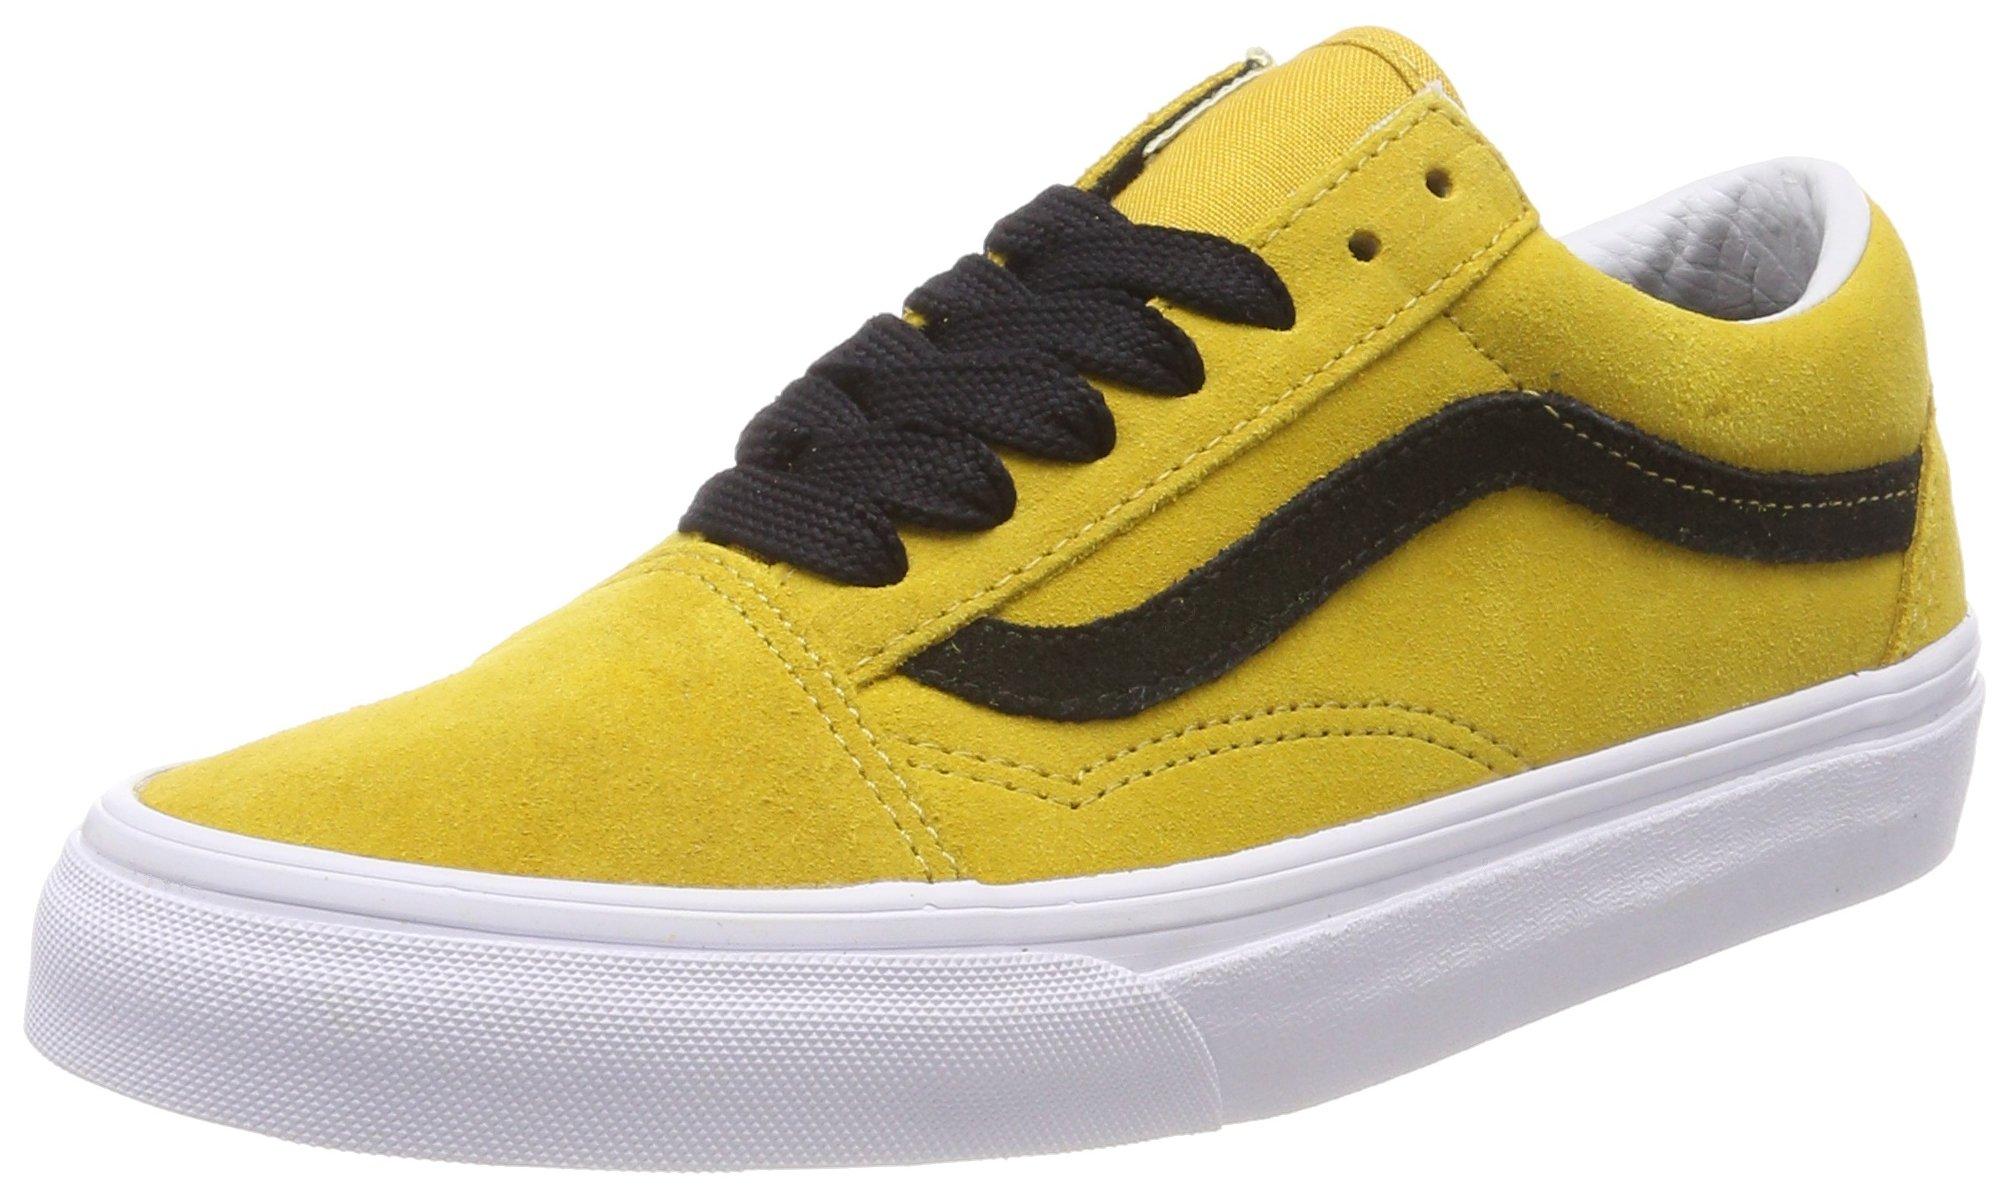 Vans Old Skool Tawney YellowBlack Classic Low Top Sneakers VN0A38G1R0Y Size 4.5